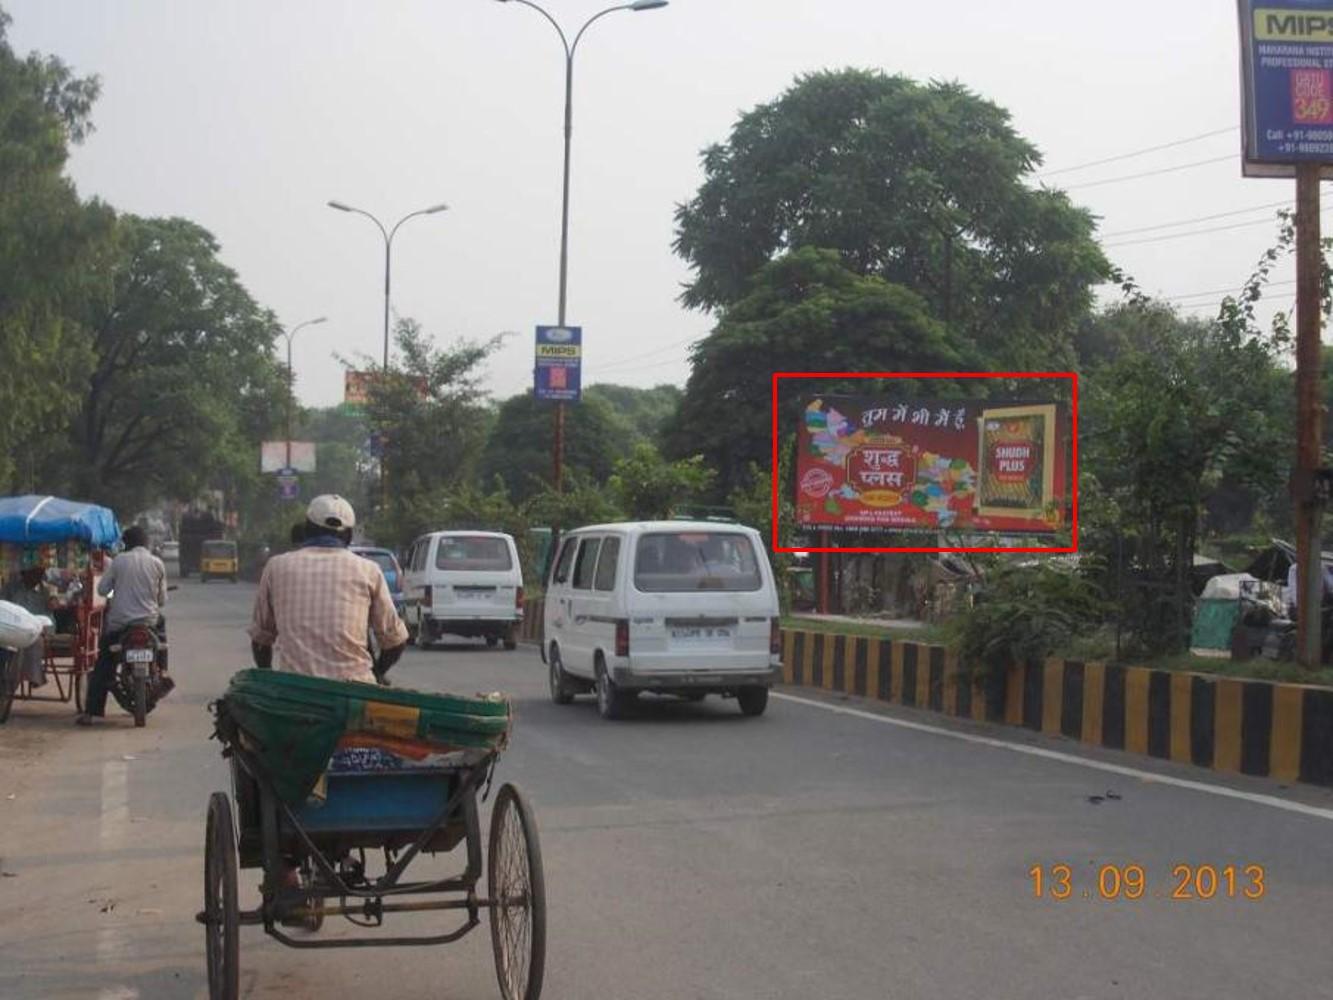 Near Vijay Nagar Crossing, Kanpur